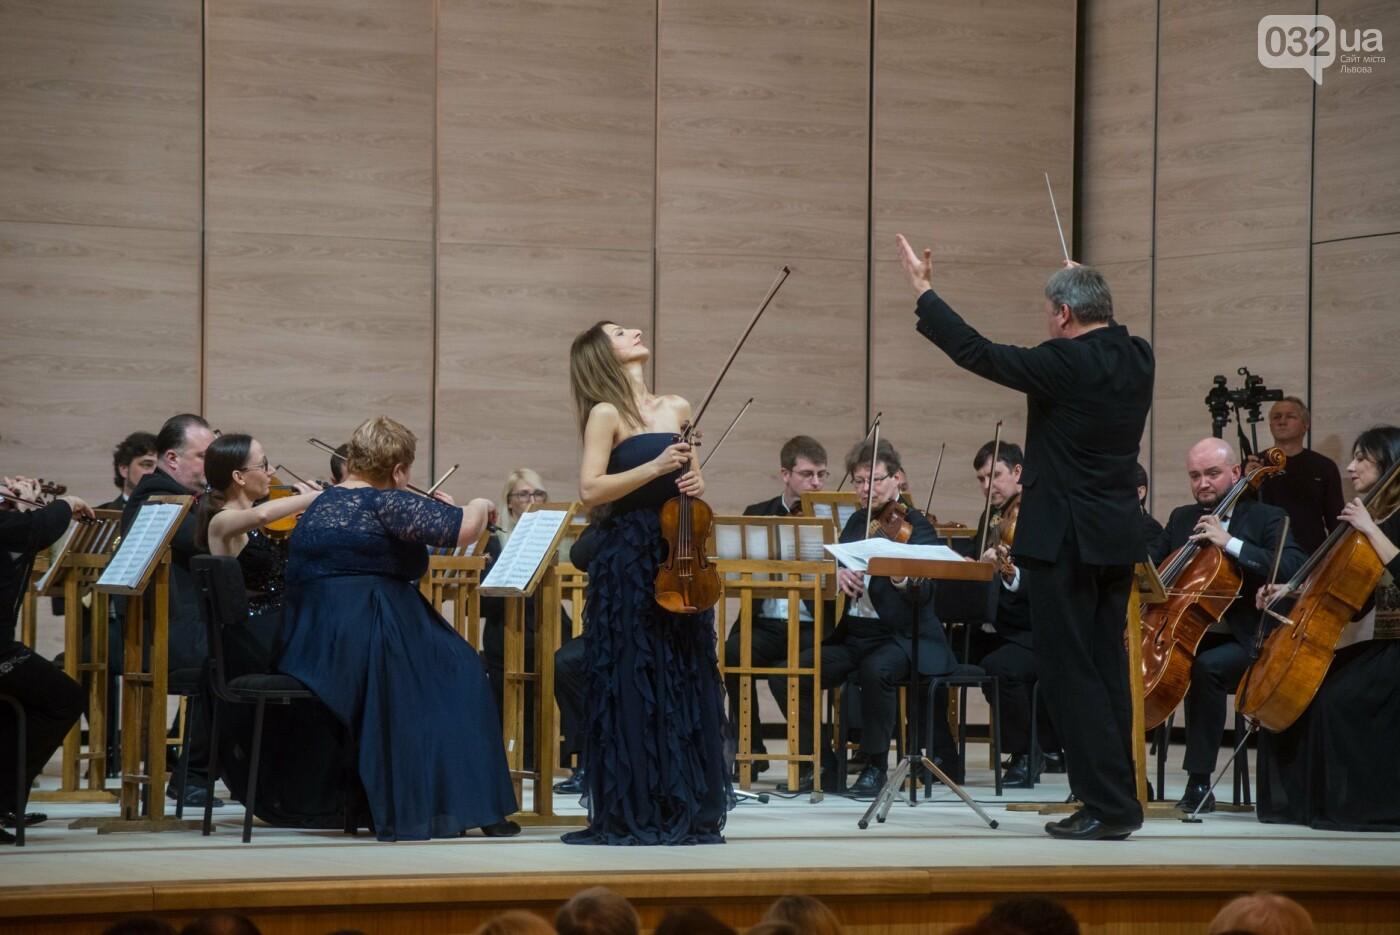 Як в Україні відзначать 250-річний ювілей Людвіга ван Бетховена, фото-4